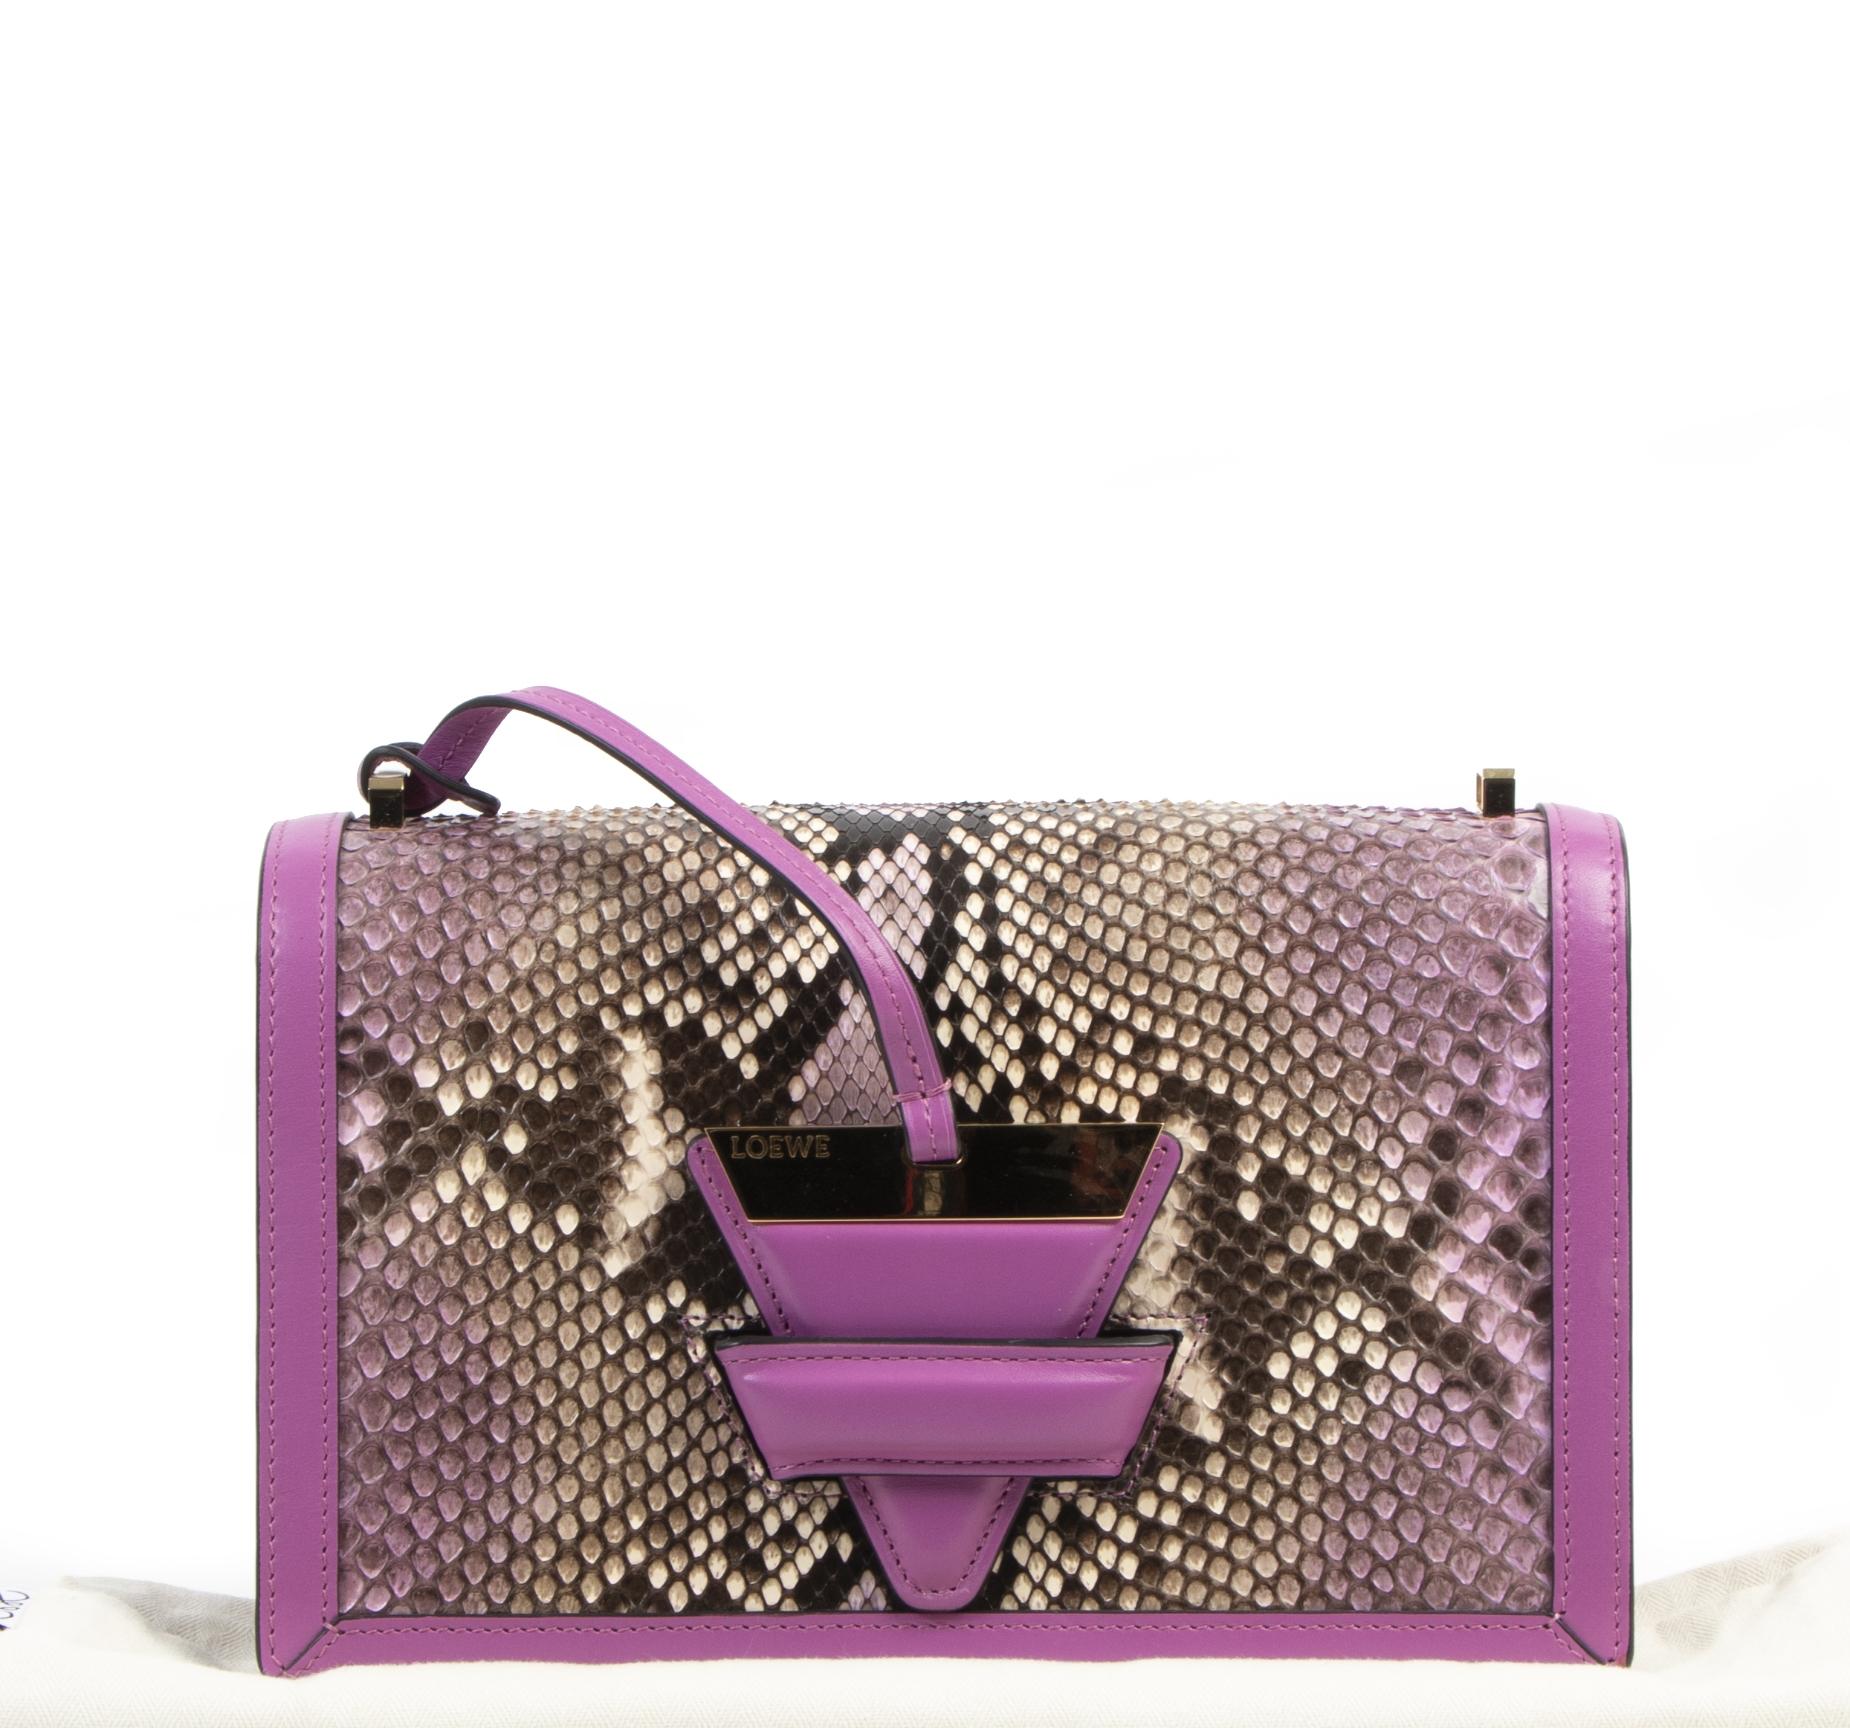 Loewe Python Fuchsia Barcelona Bag  brand new